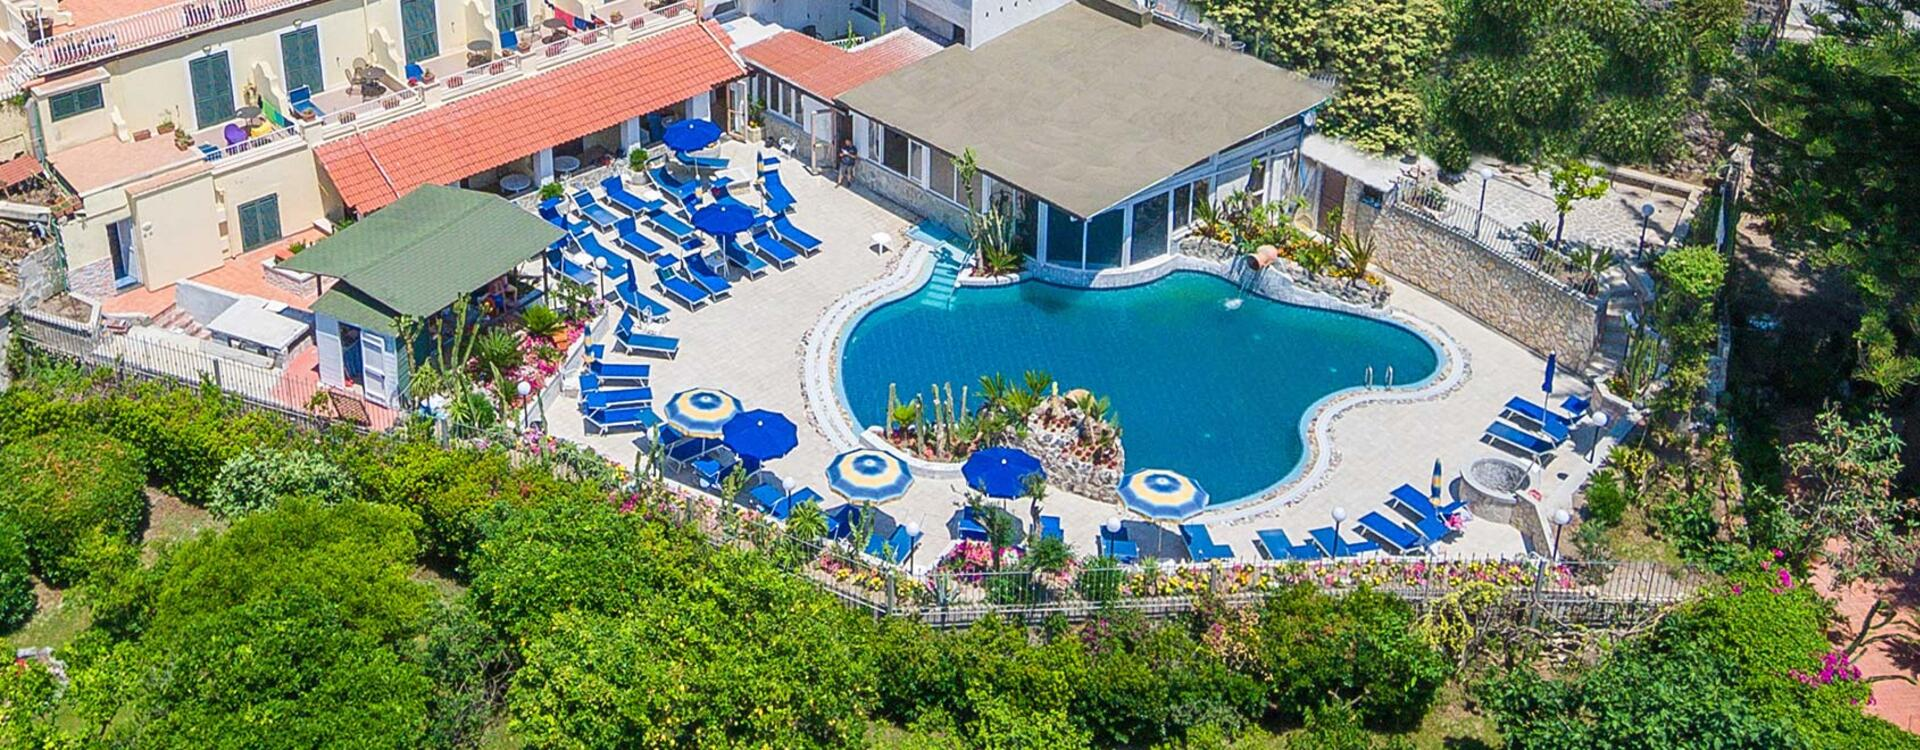 hotelsaintraphaelischia en offers 010